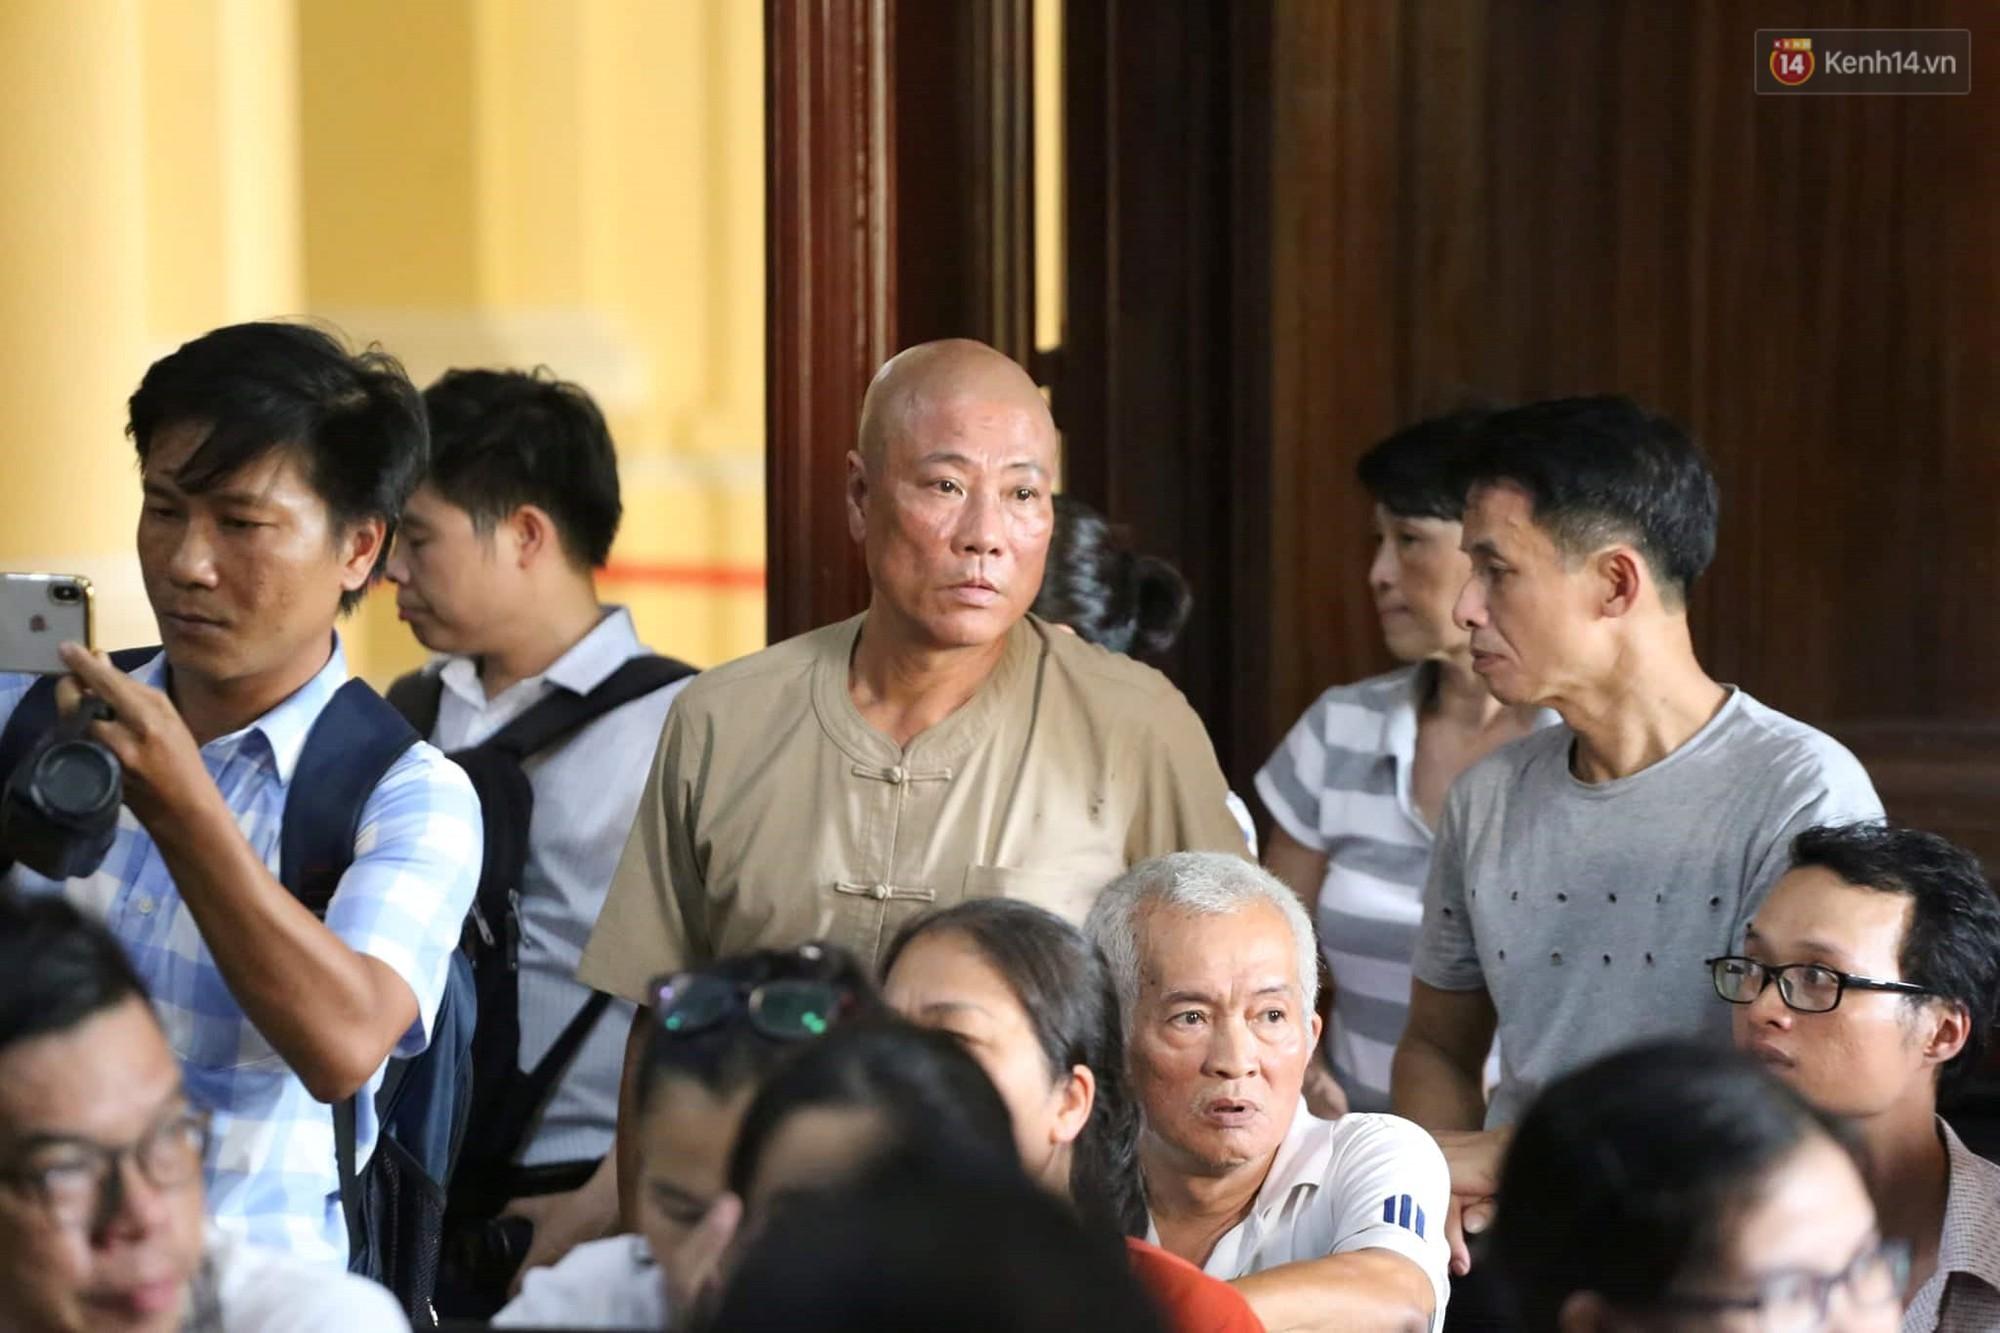 Tòa trả hồ sơ điều tra bổ sung, ông trùm ma túy Văn Kính Dương tươi cười khi bị áp giải ra xe - Ảnh 10.